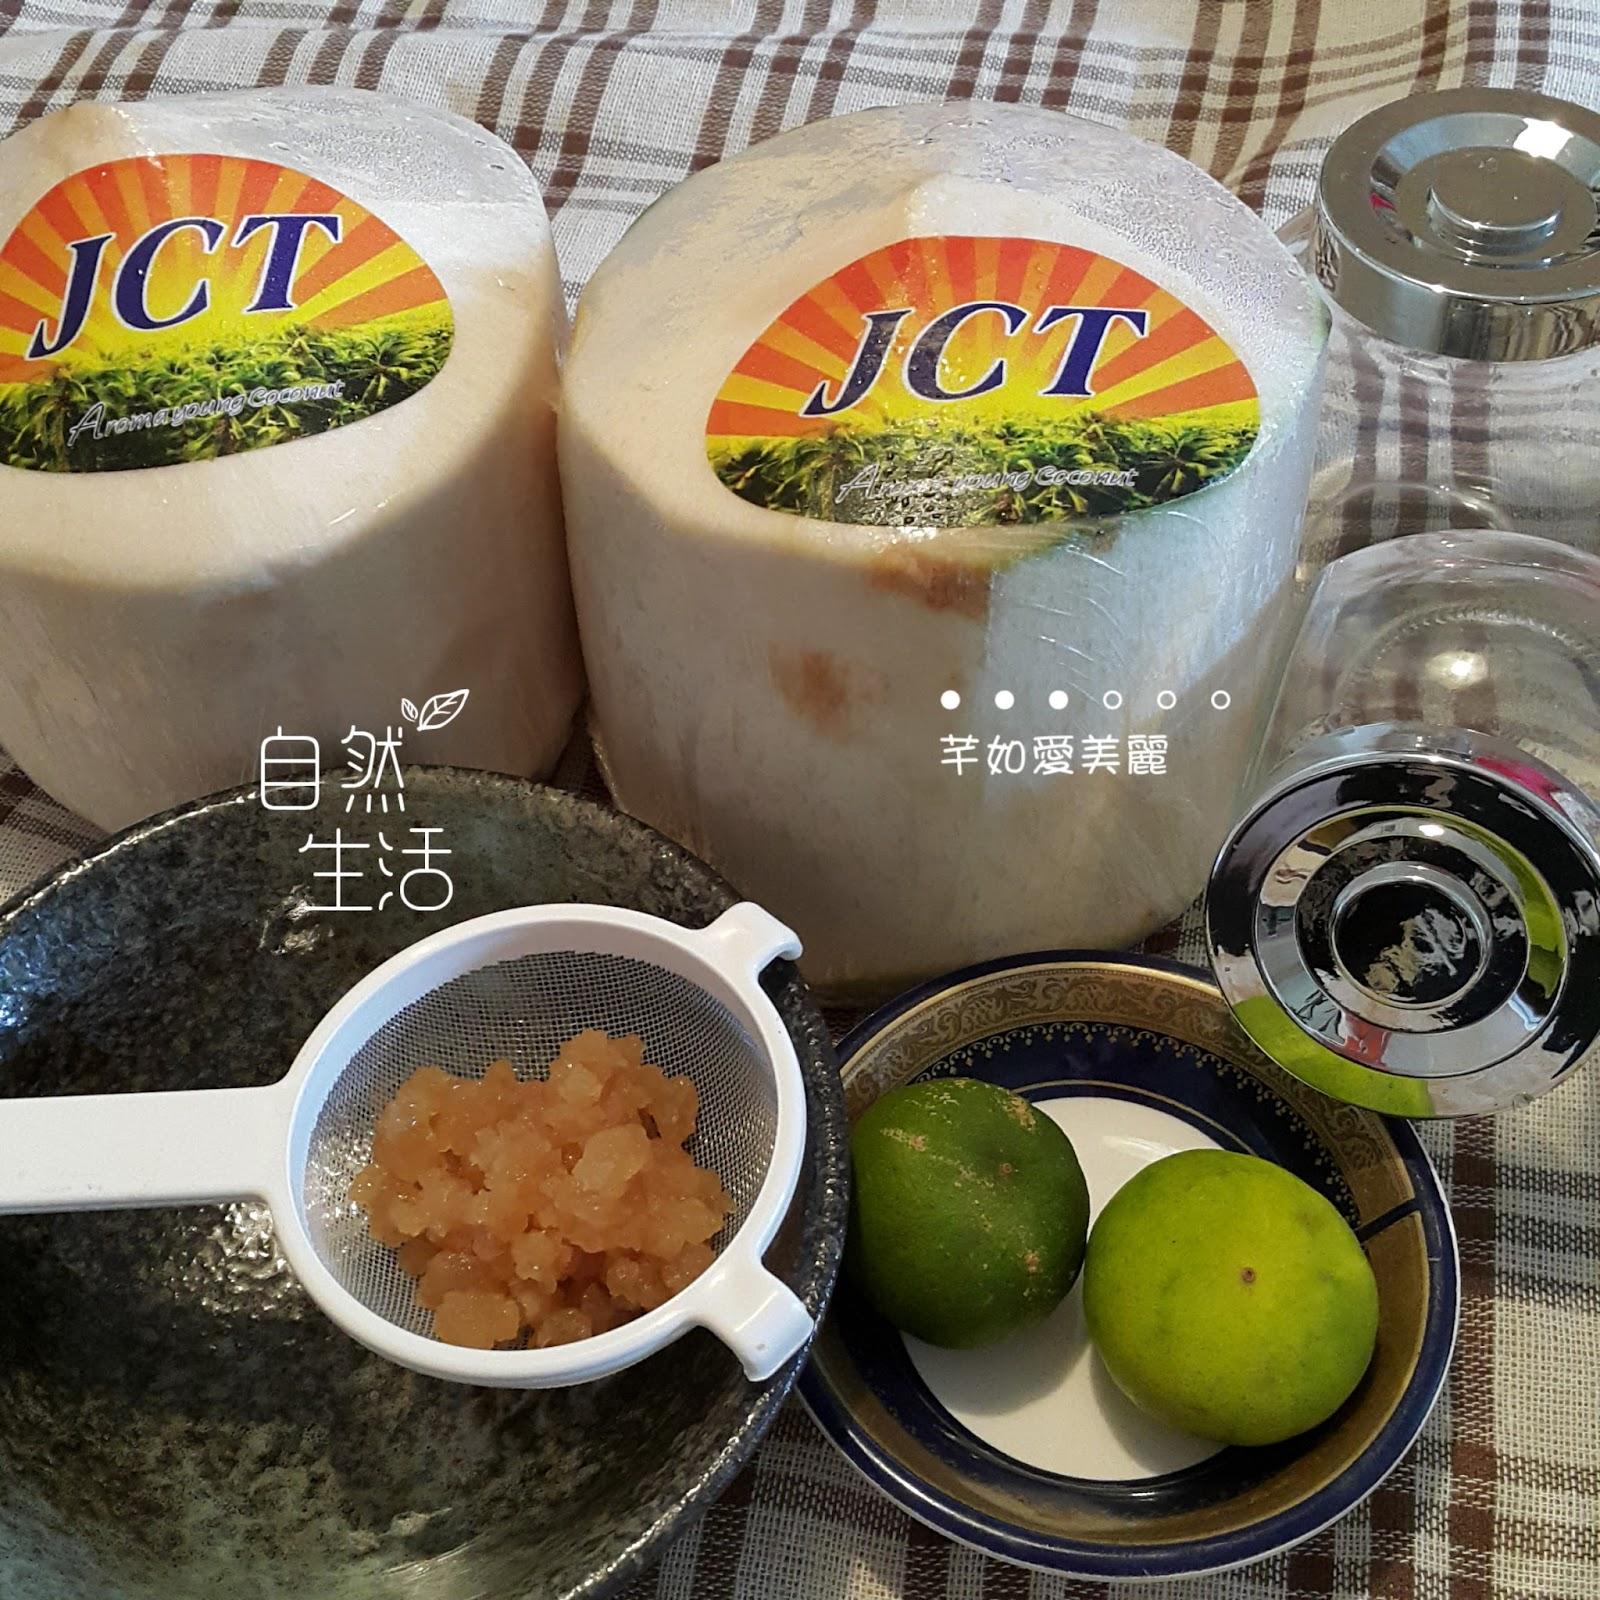 芊如廚房 (Chin Yu Kitchen): 芊如首瓶DIY水克非爾面膜 (Kefir Mask)